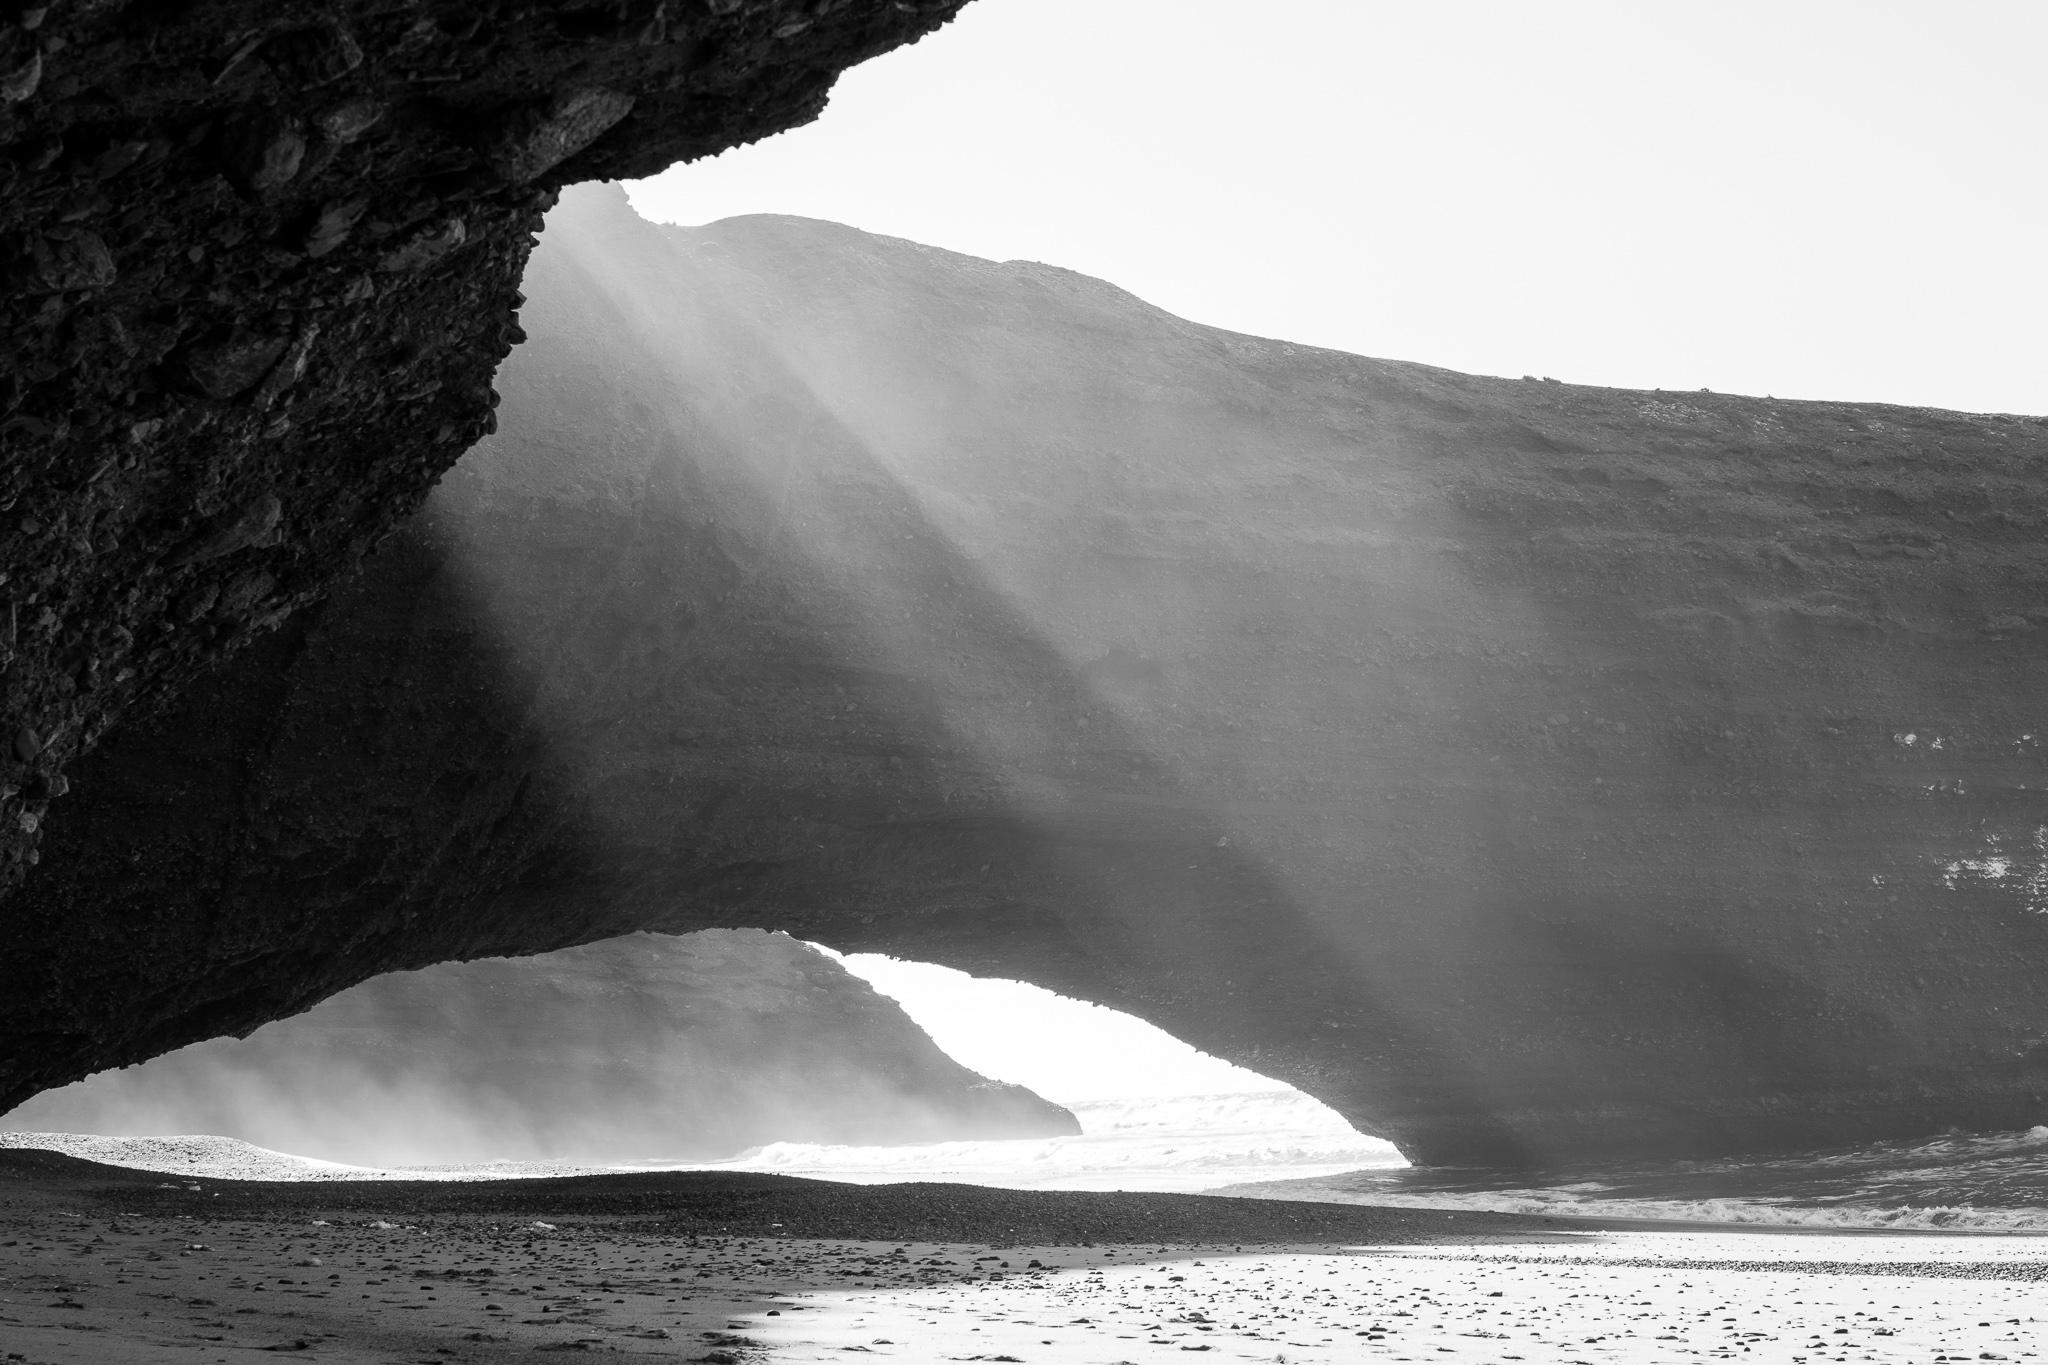 A praia de Legzira atópase uns 10 km ao norte da localidade de Sidi Ifni, antiga colonia española de Marrocos. <br>As súas monumentais pontes naturais, arcos de pedra vermella e pé de elefante, foron tallados pola erosión mariña durante séculos. <br>Recentemente, en 2016, derrubouse tras agretarse, un dos arcos máis emblemáticos da praia.